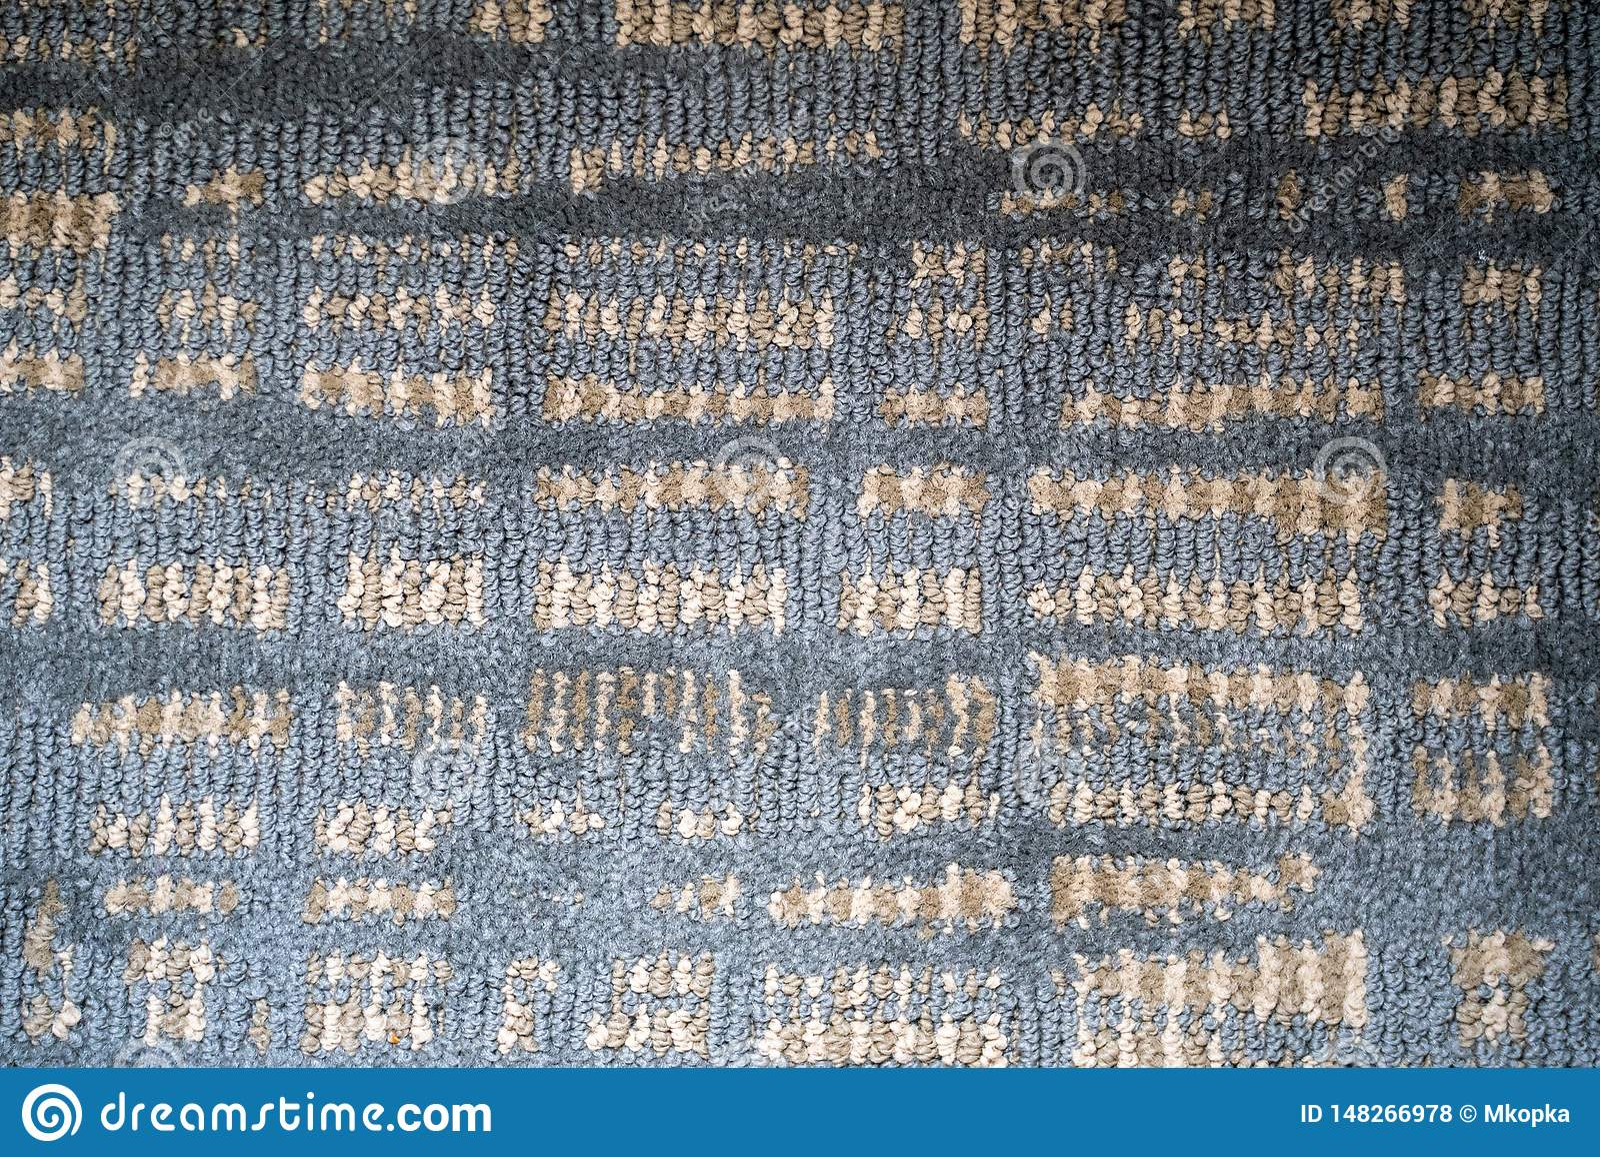 Líneas y modelos cuadrados texturizados extracto en sombras de azul claro, de poner crema y de gris